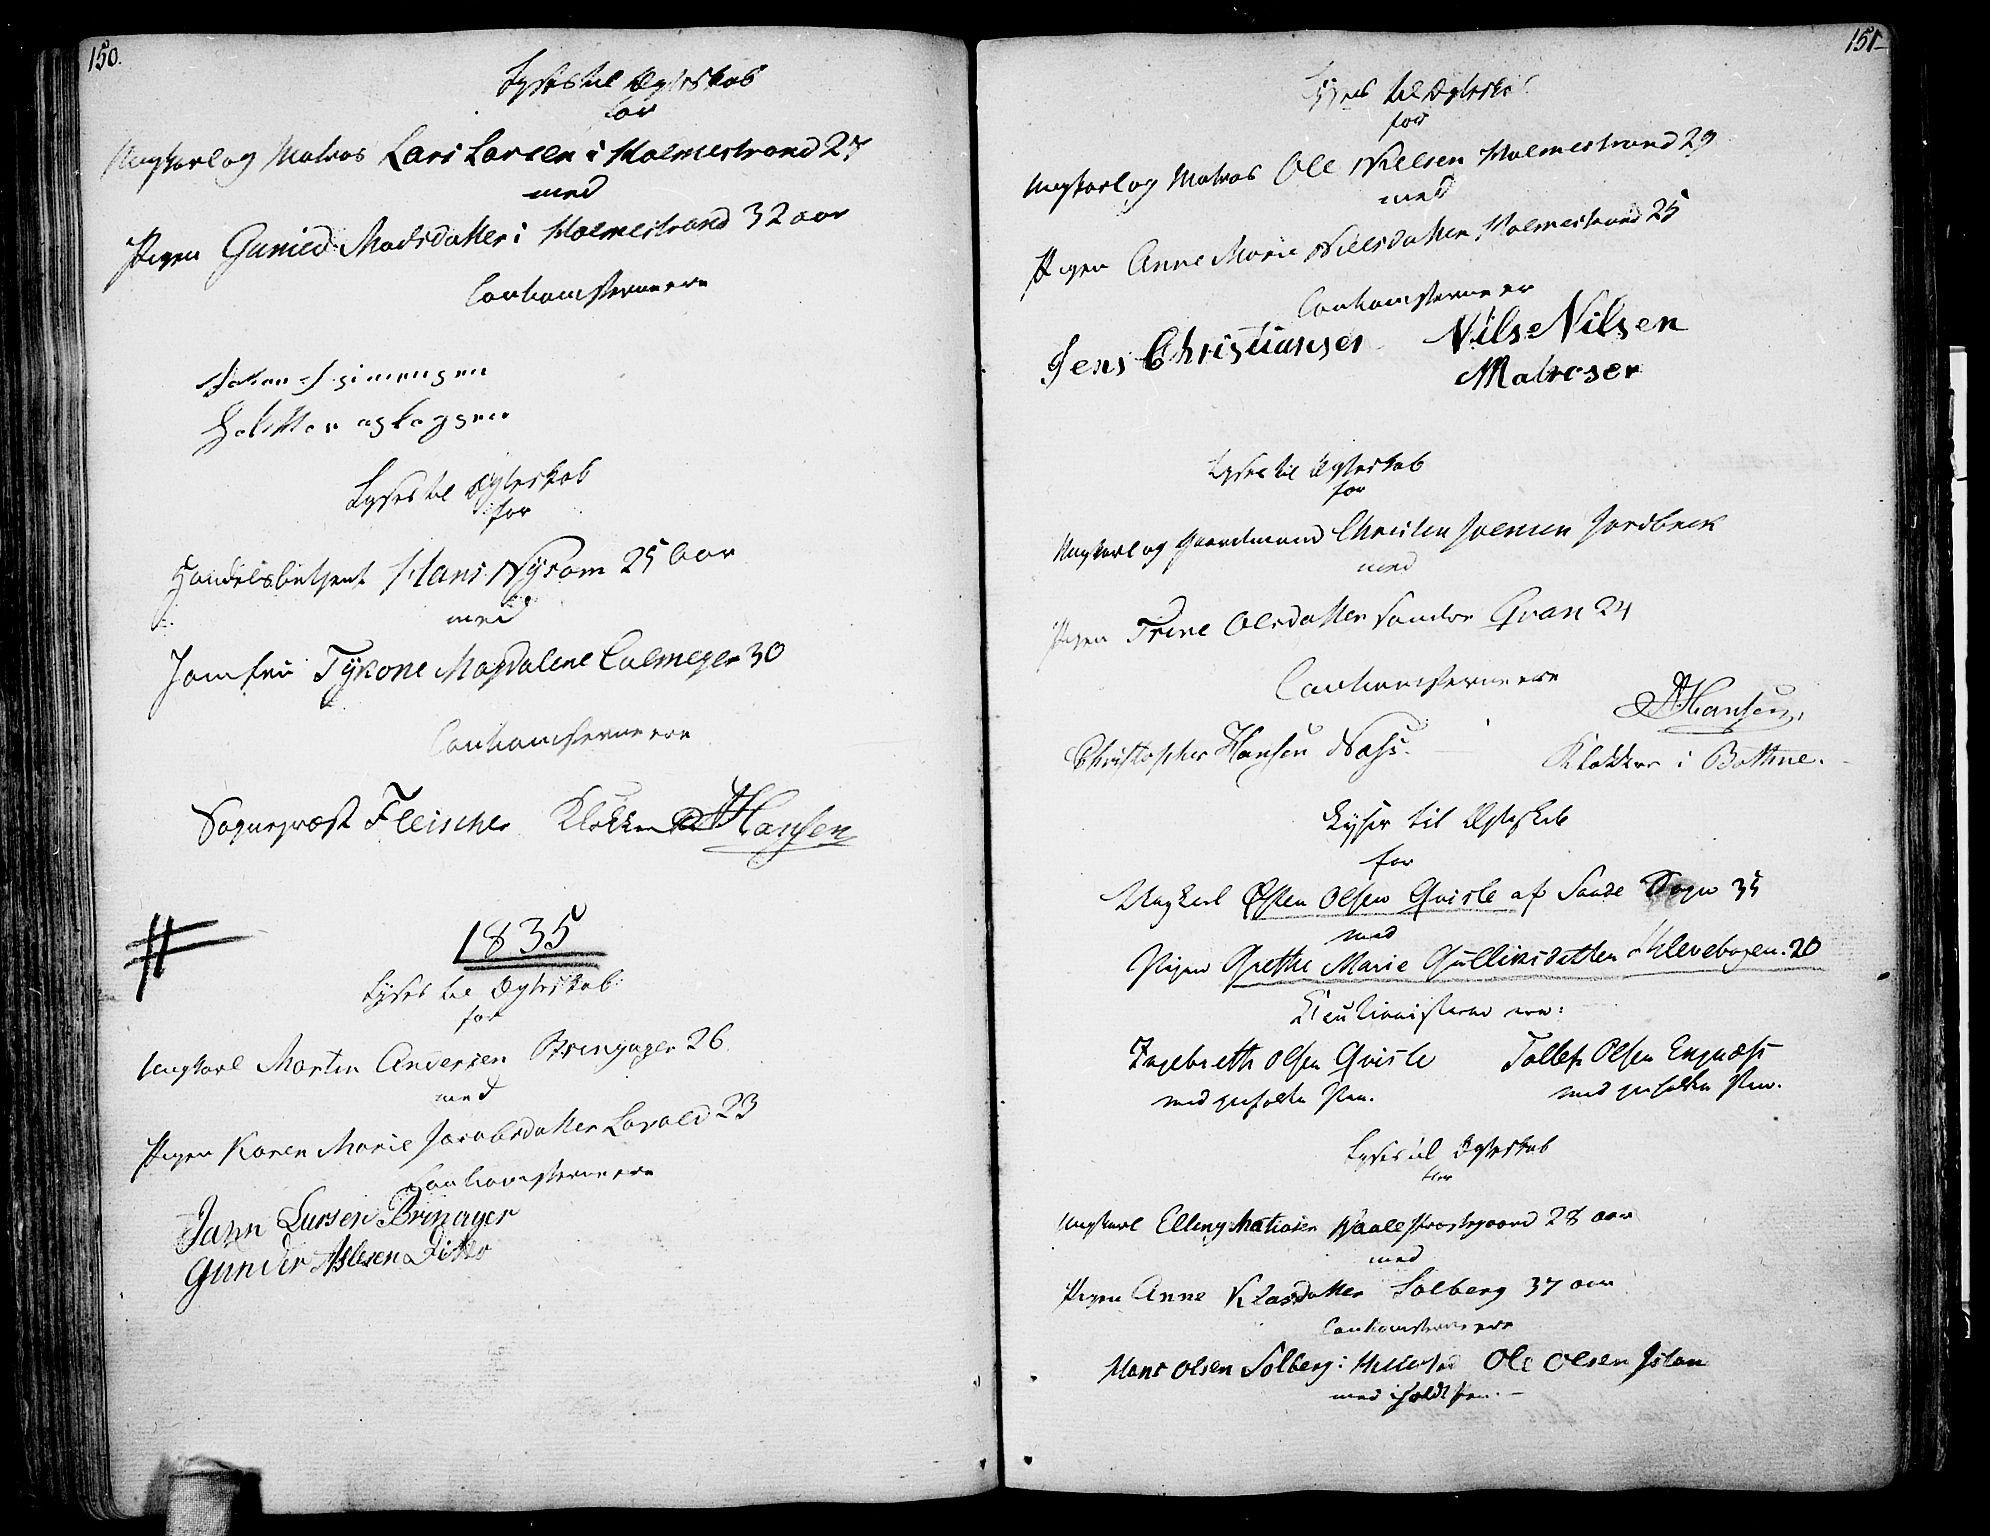 SAKO, Botne kirkebøker, F/Fa/L0003: Ministerialbok nr. I 3 /1, 1792-1844, s. 150-151